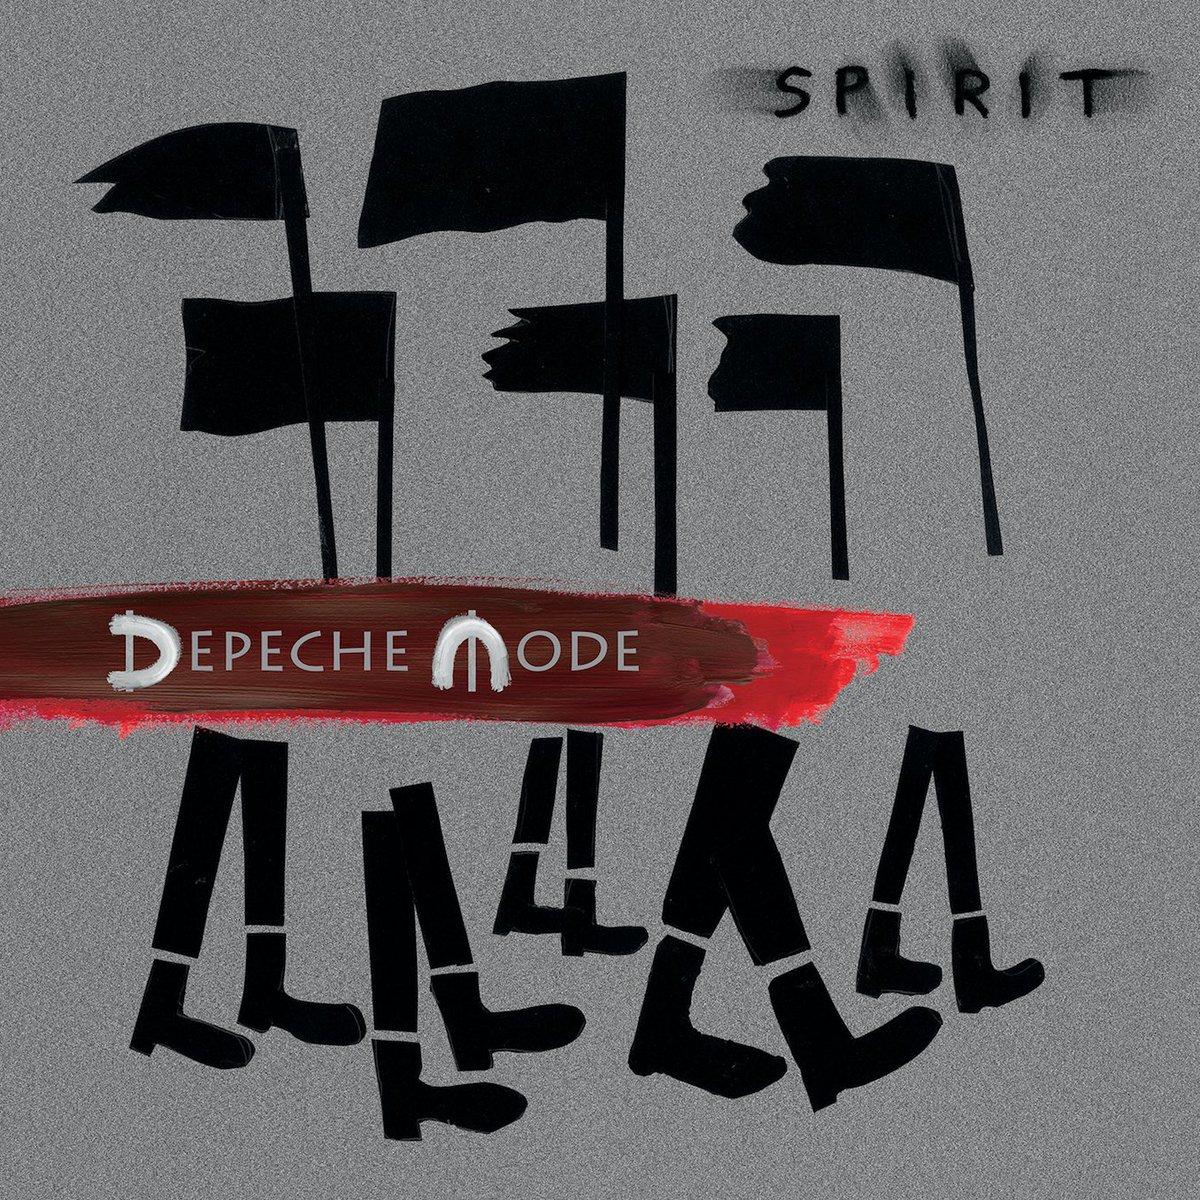 Spirit - recenzja płyty